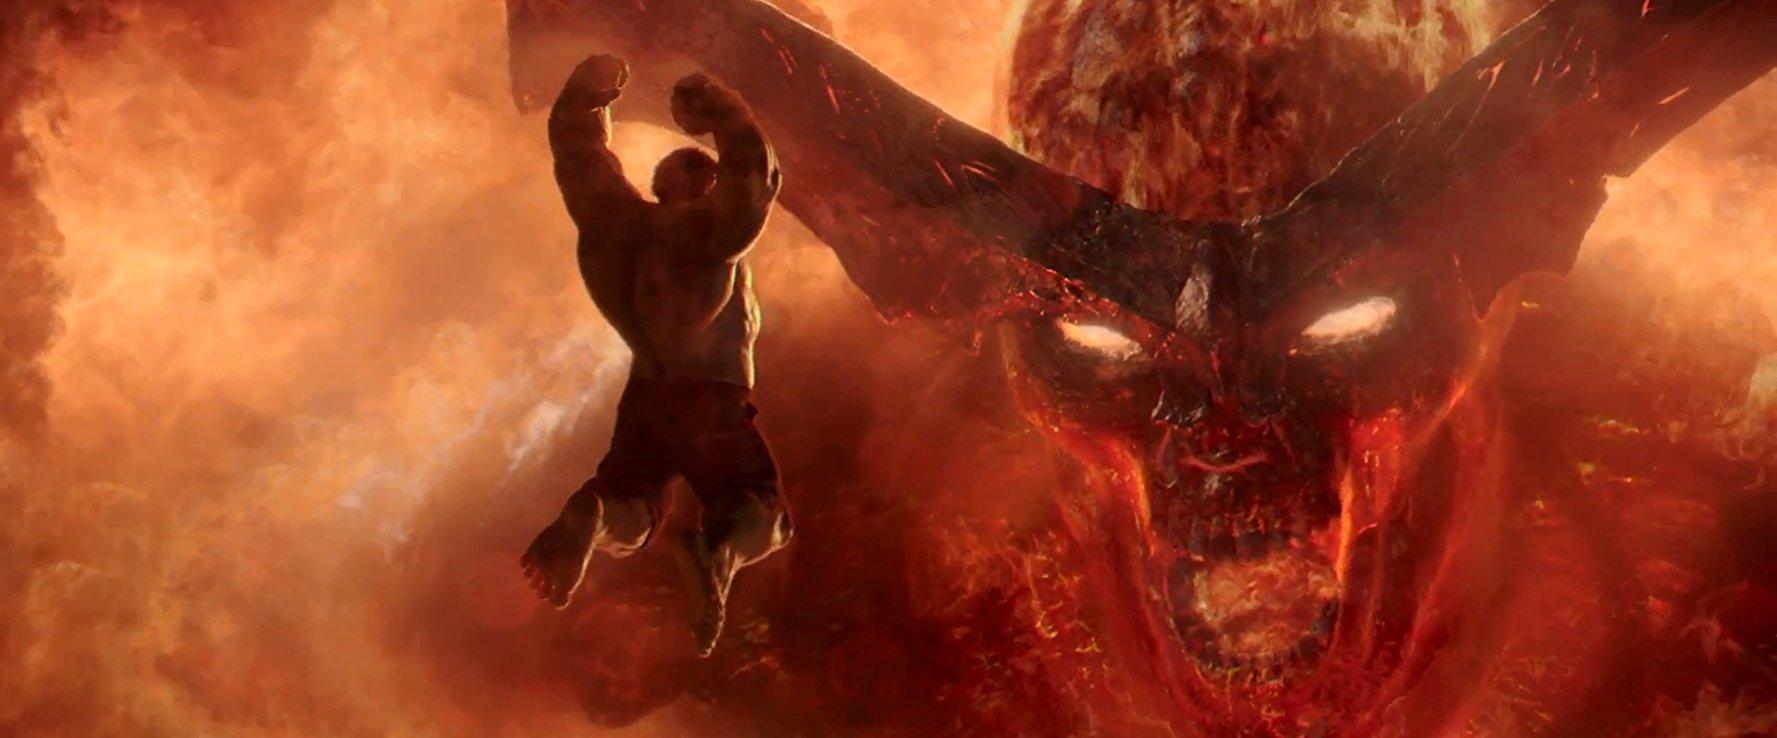 Hulk vs. Surtur in Thor: Ragnarok